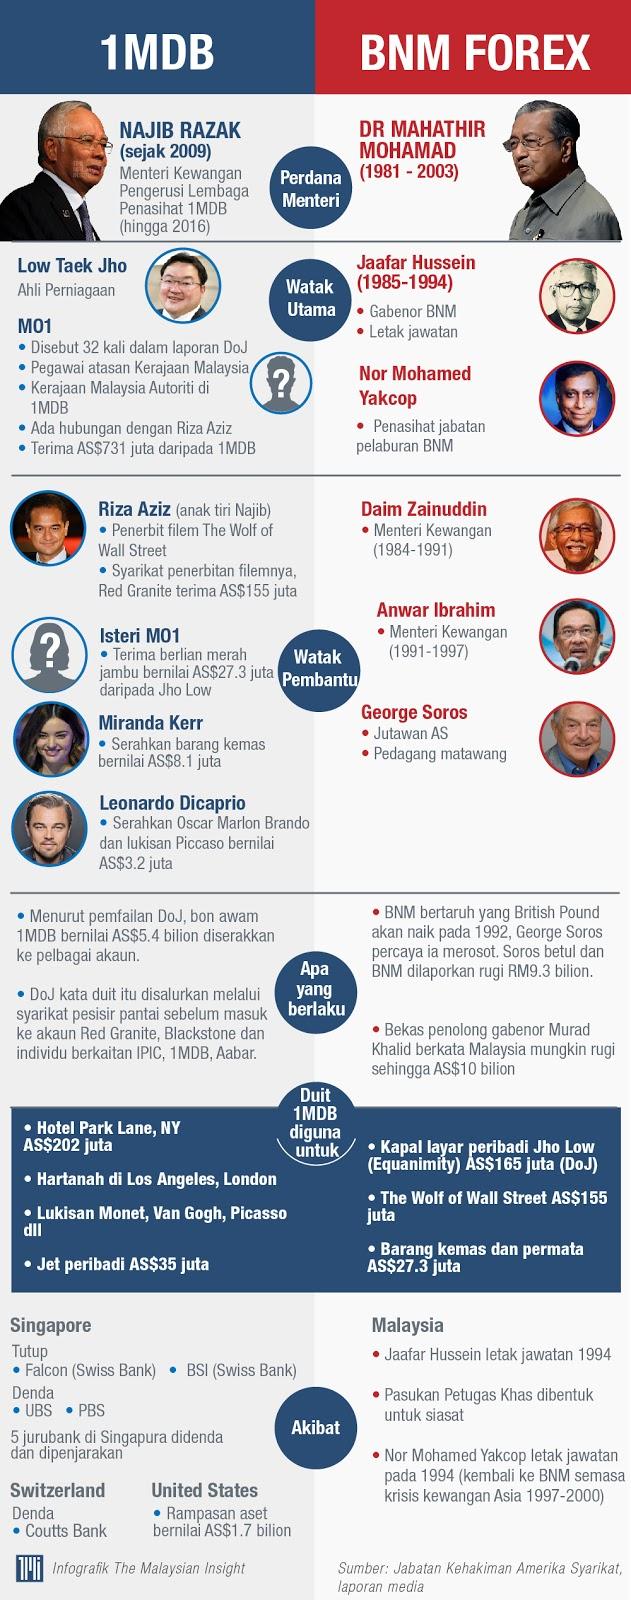 Syarikat forex di malaysia